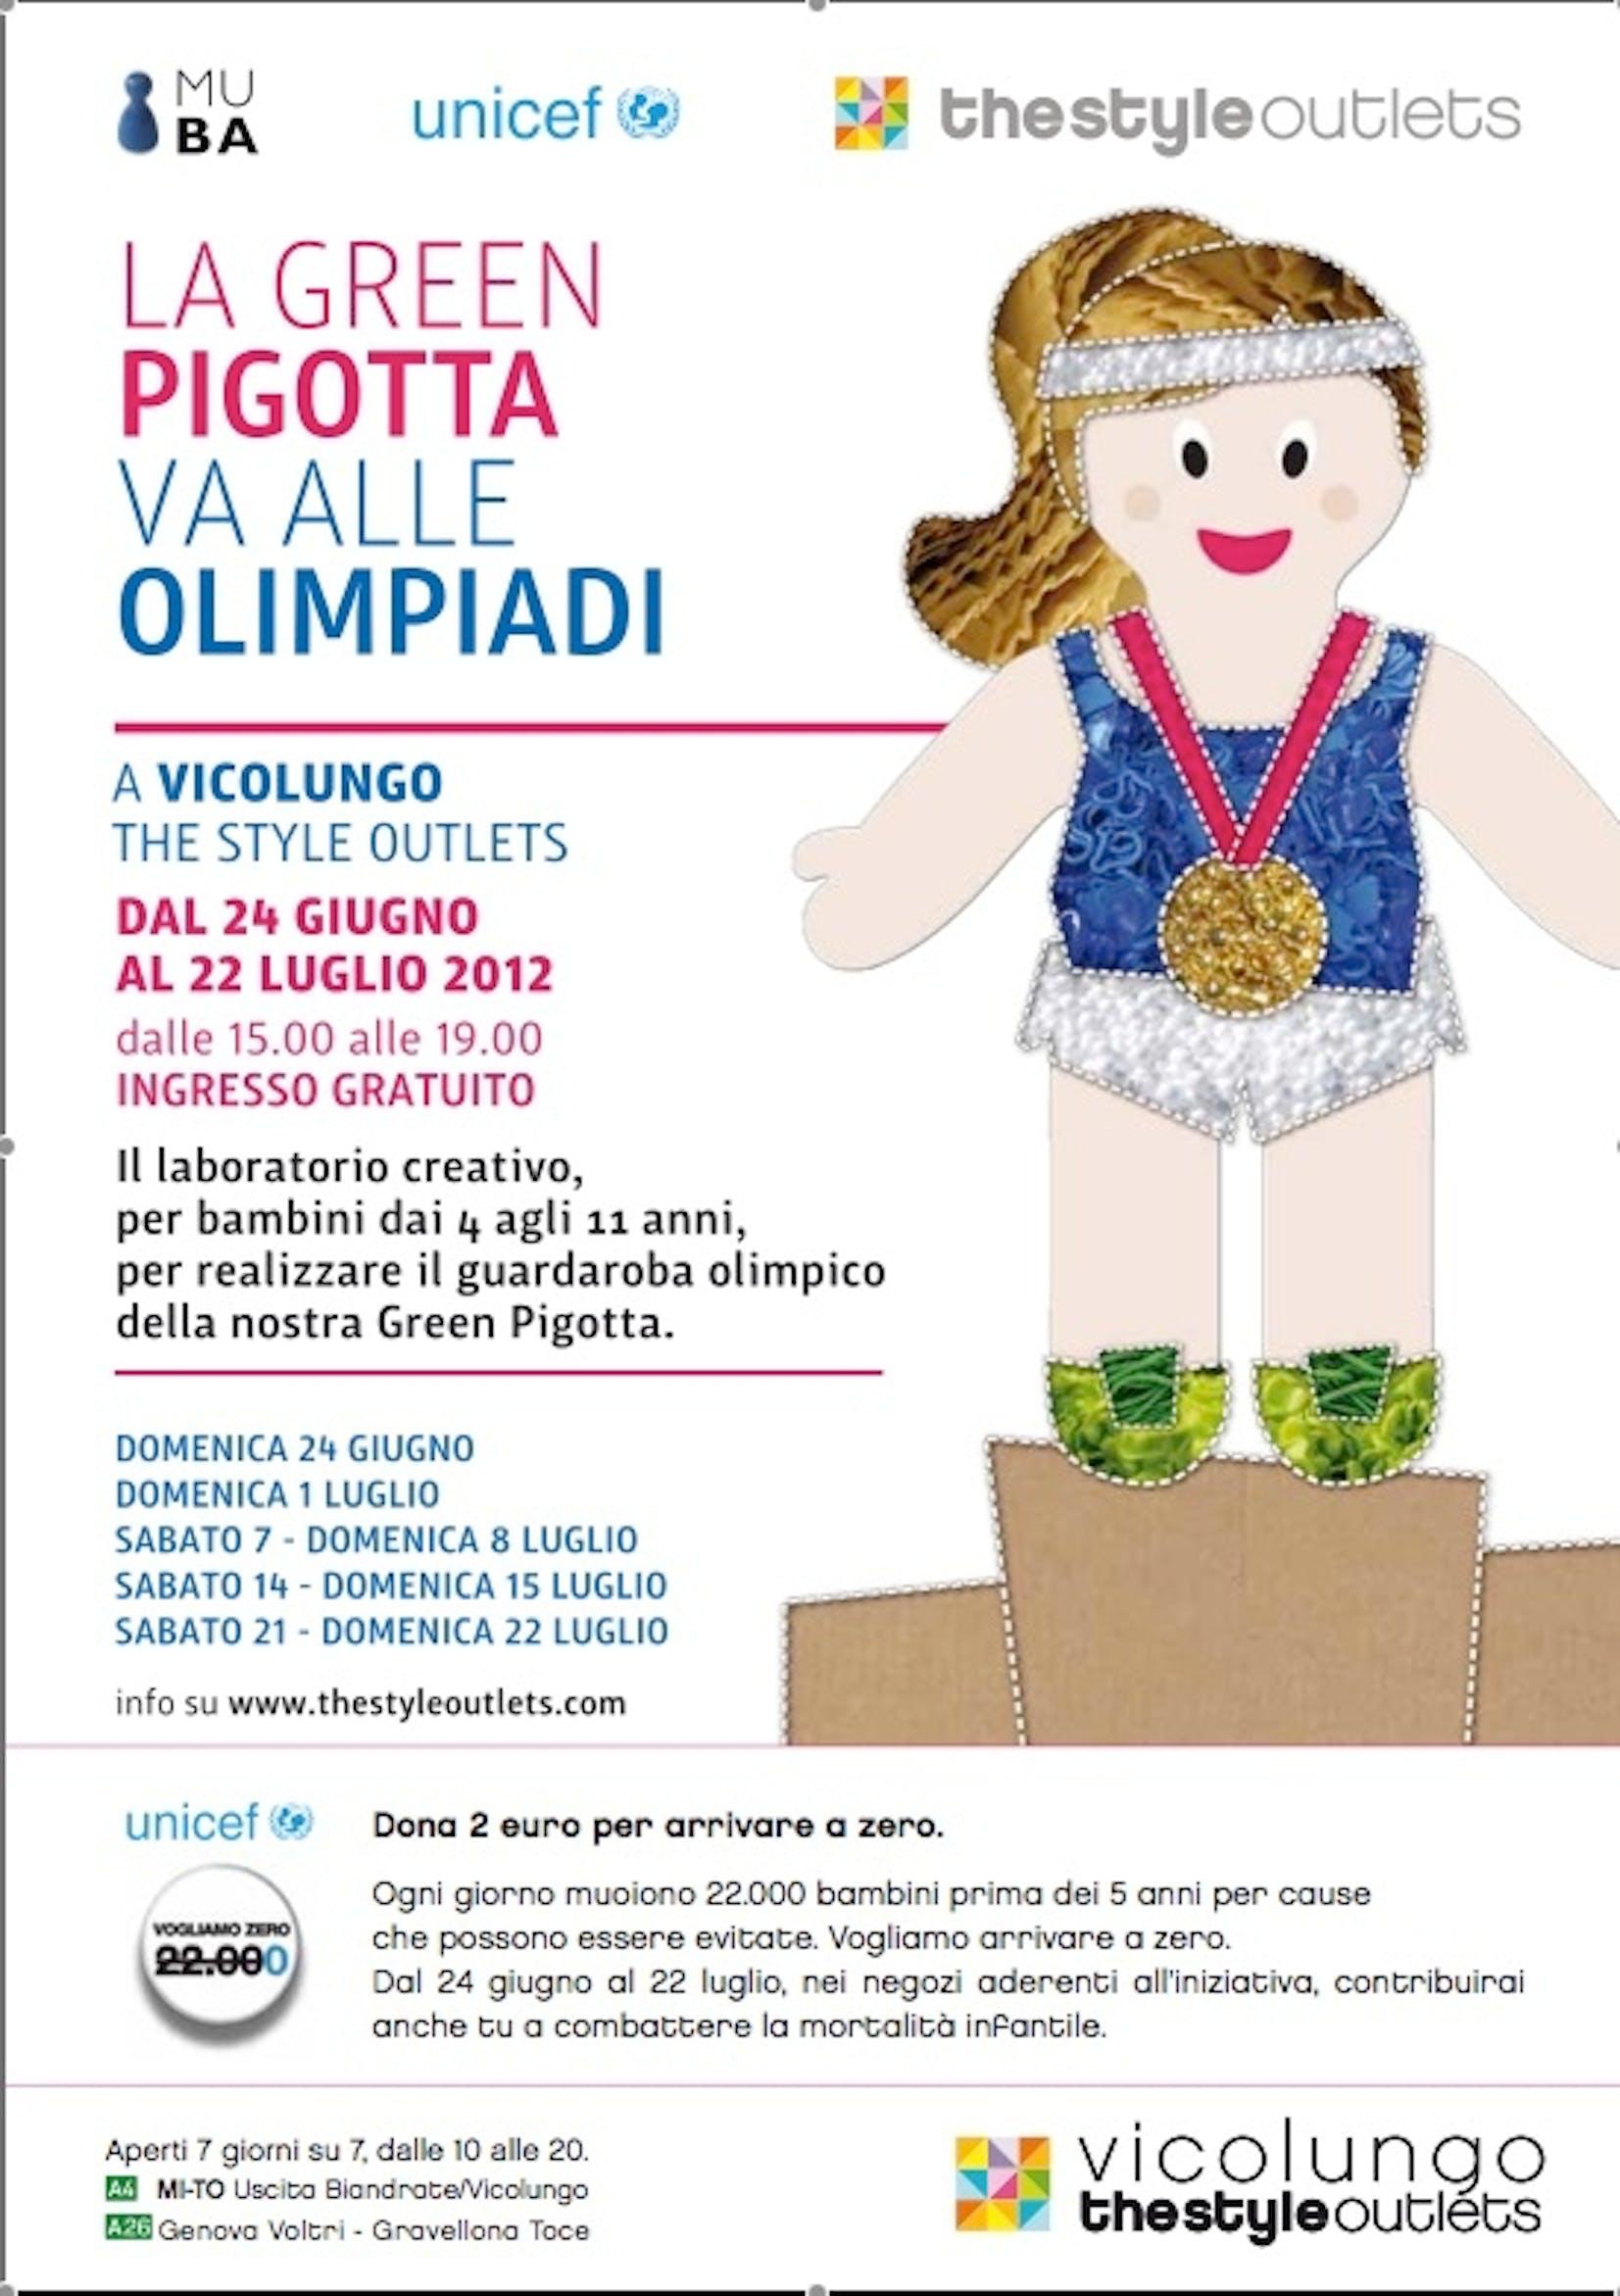 La Green Pigotta va alle Olimpiadi, un'iniziativa di Vicolungo Style Outletsiativa